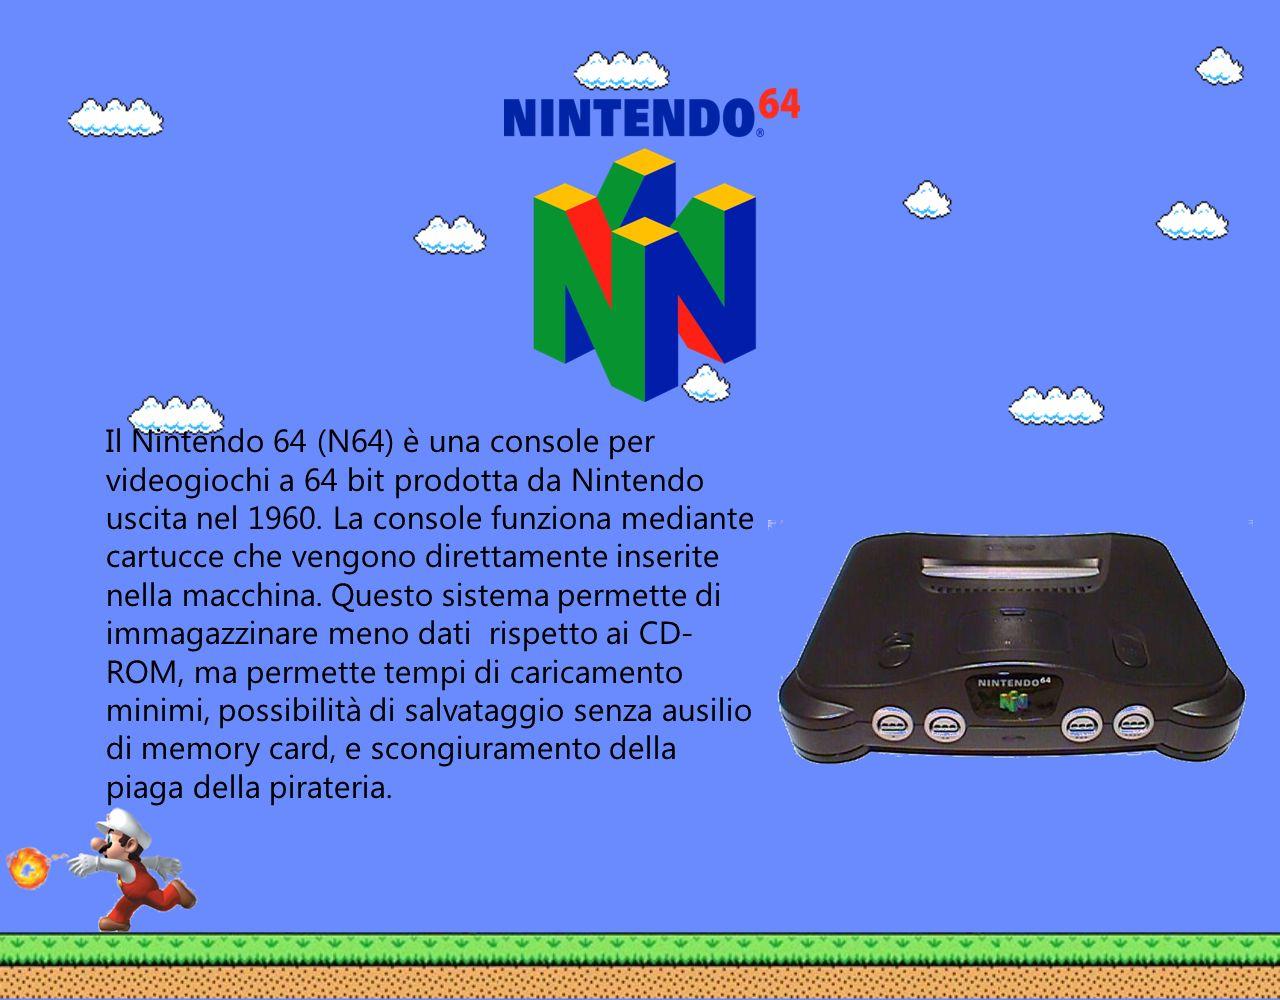 Il Nintendo 64 (N64) è una console per videogiochi a 64 bit prodotta da Nintendo uscita nel 1960.